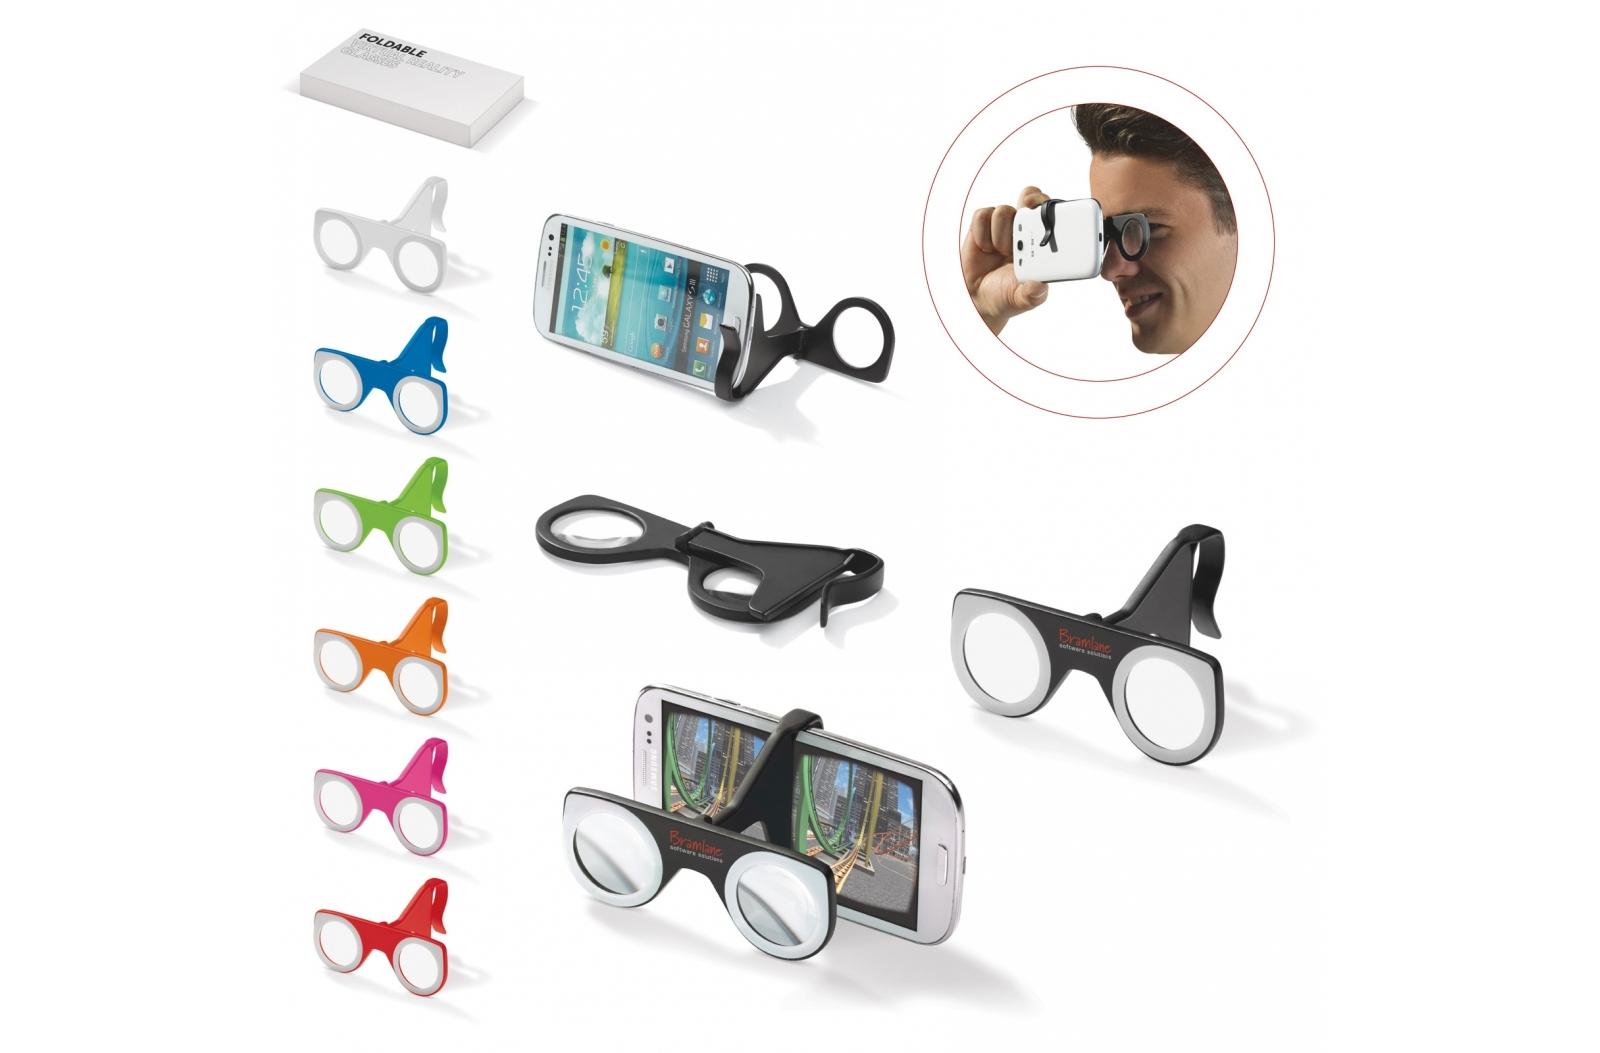 Vouwbare VR-Glasses